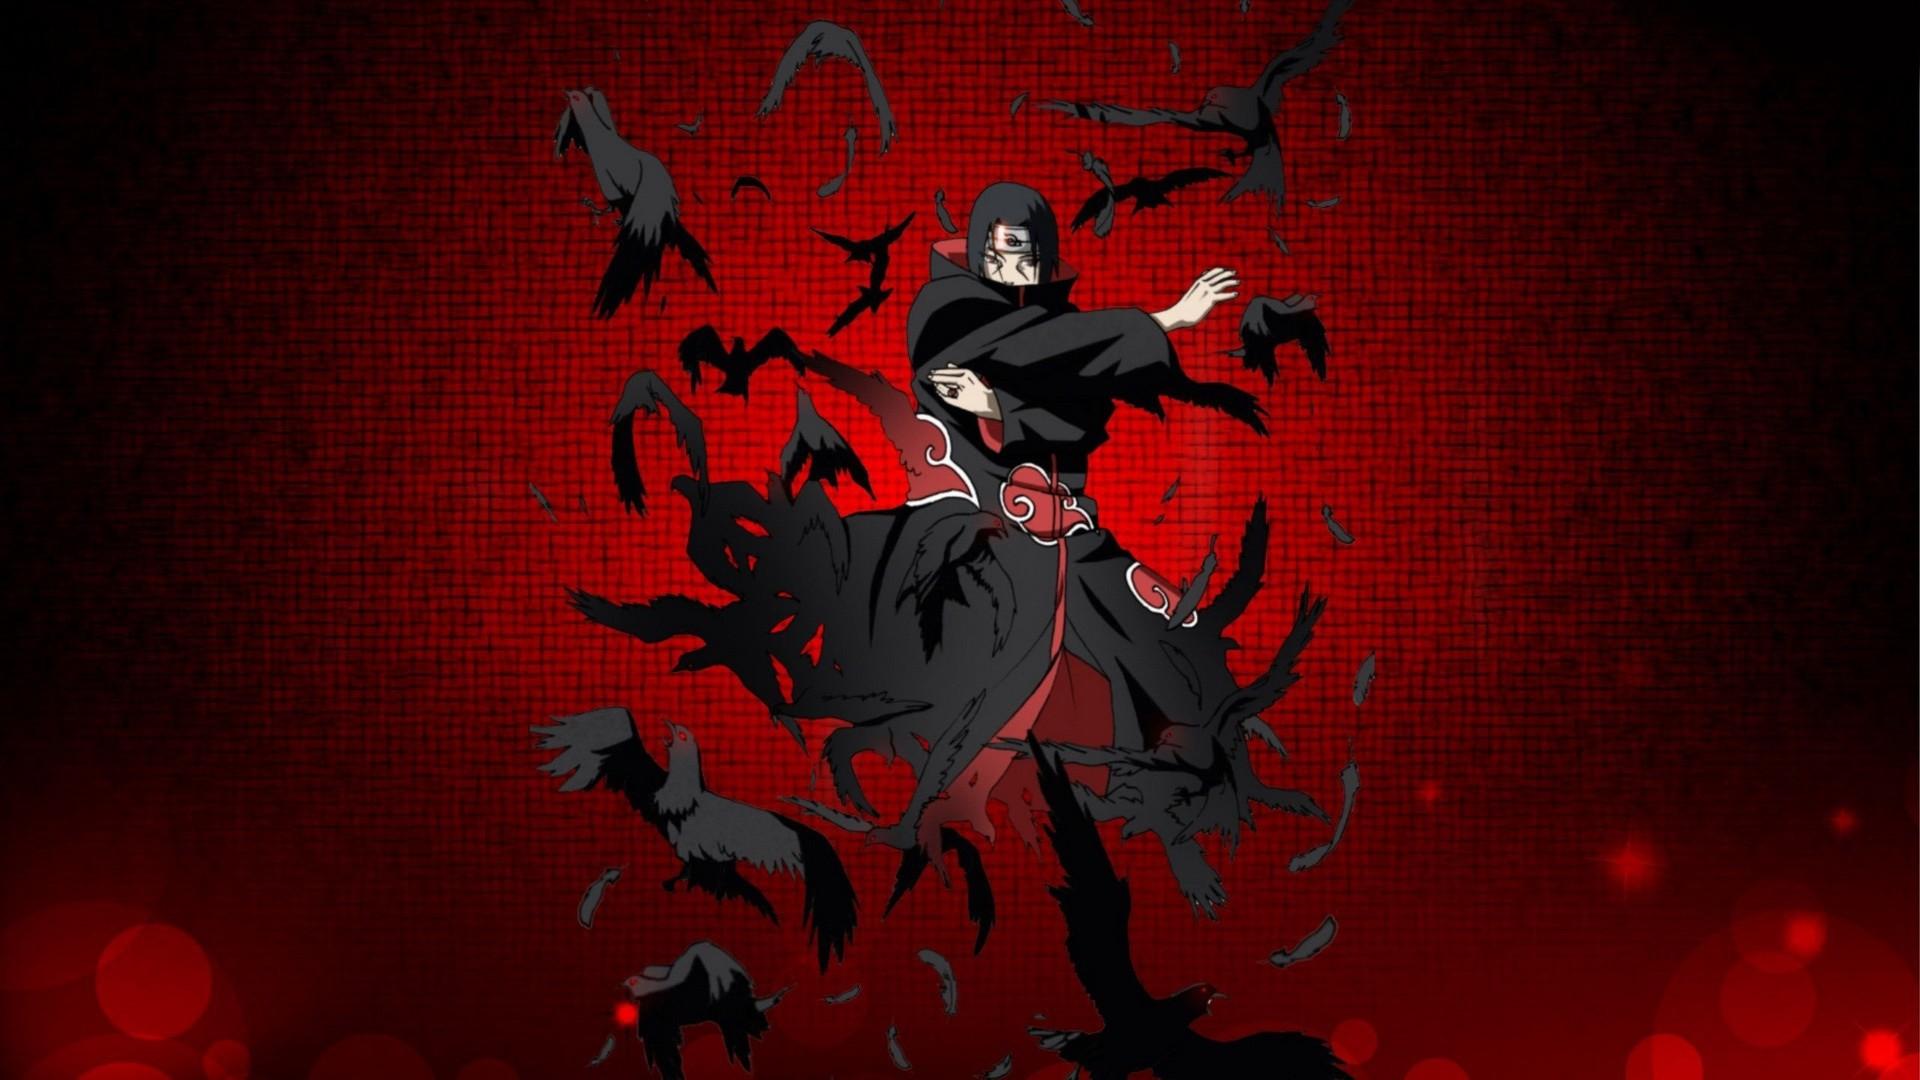 Naruto Full HD Wallpapers Group 1280×960 Naruto Hd Wallpapers (36 Wallpapers)   